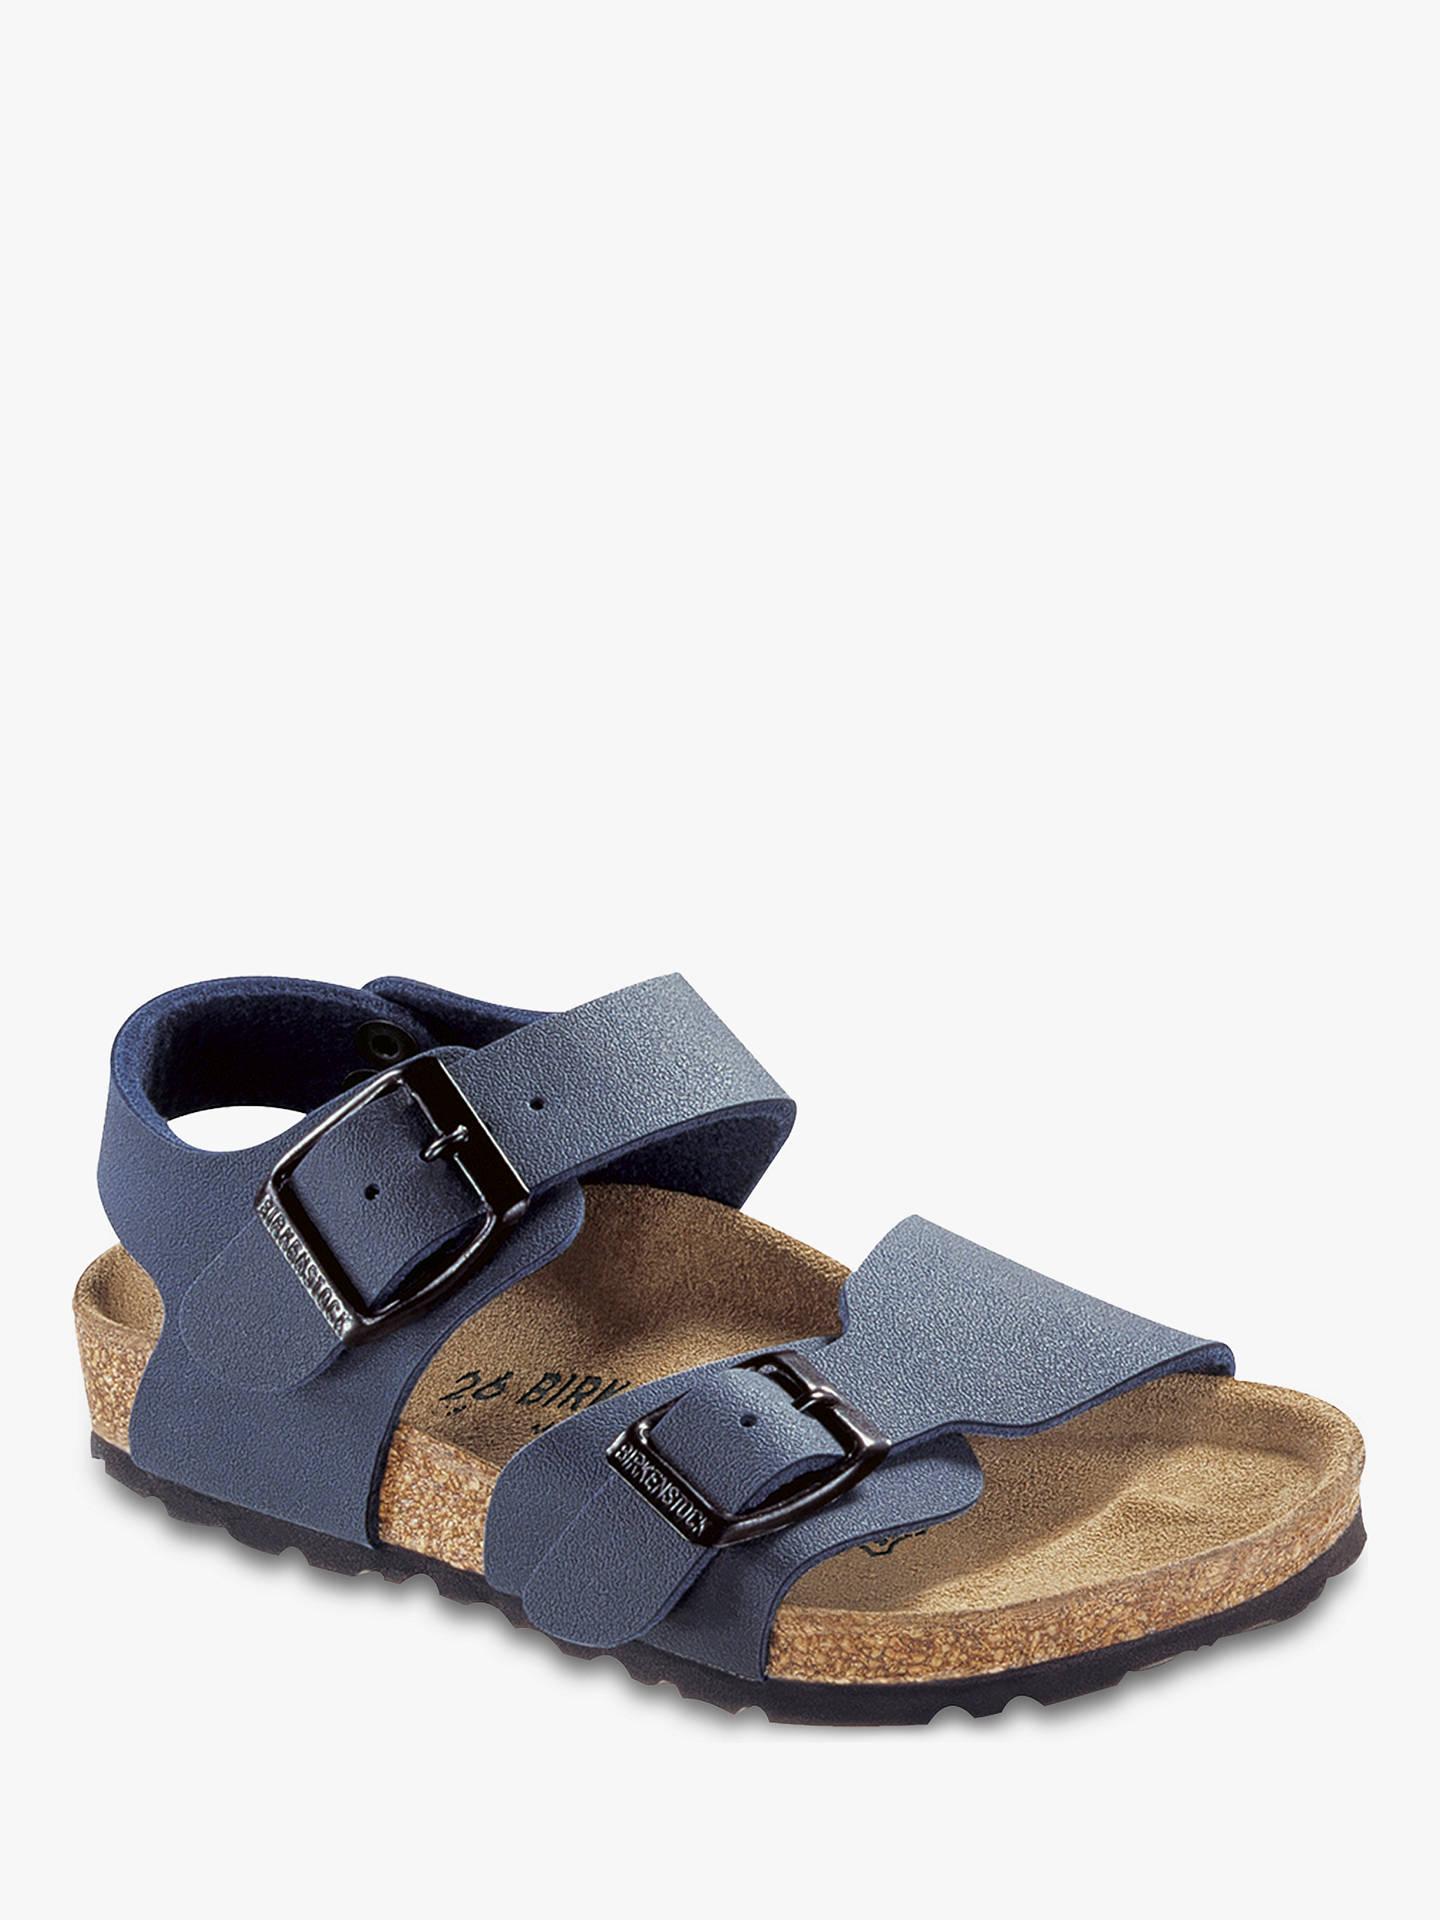 347006c4e8 Buy Birkenstock Children's New York Buckle Sandals, Navy, 32 Online at  johnlewis.com